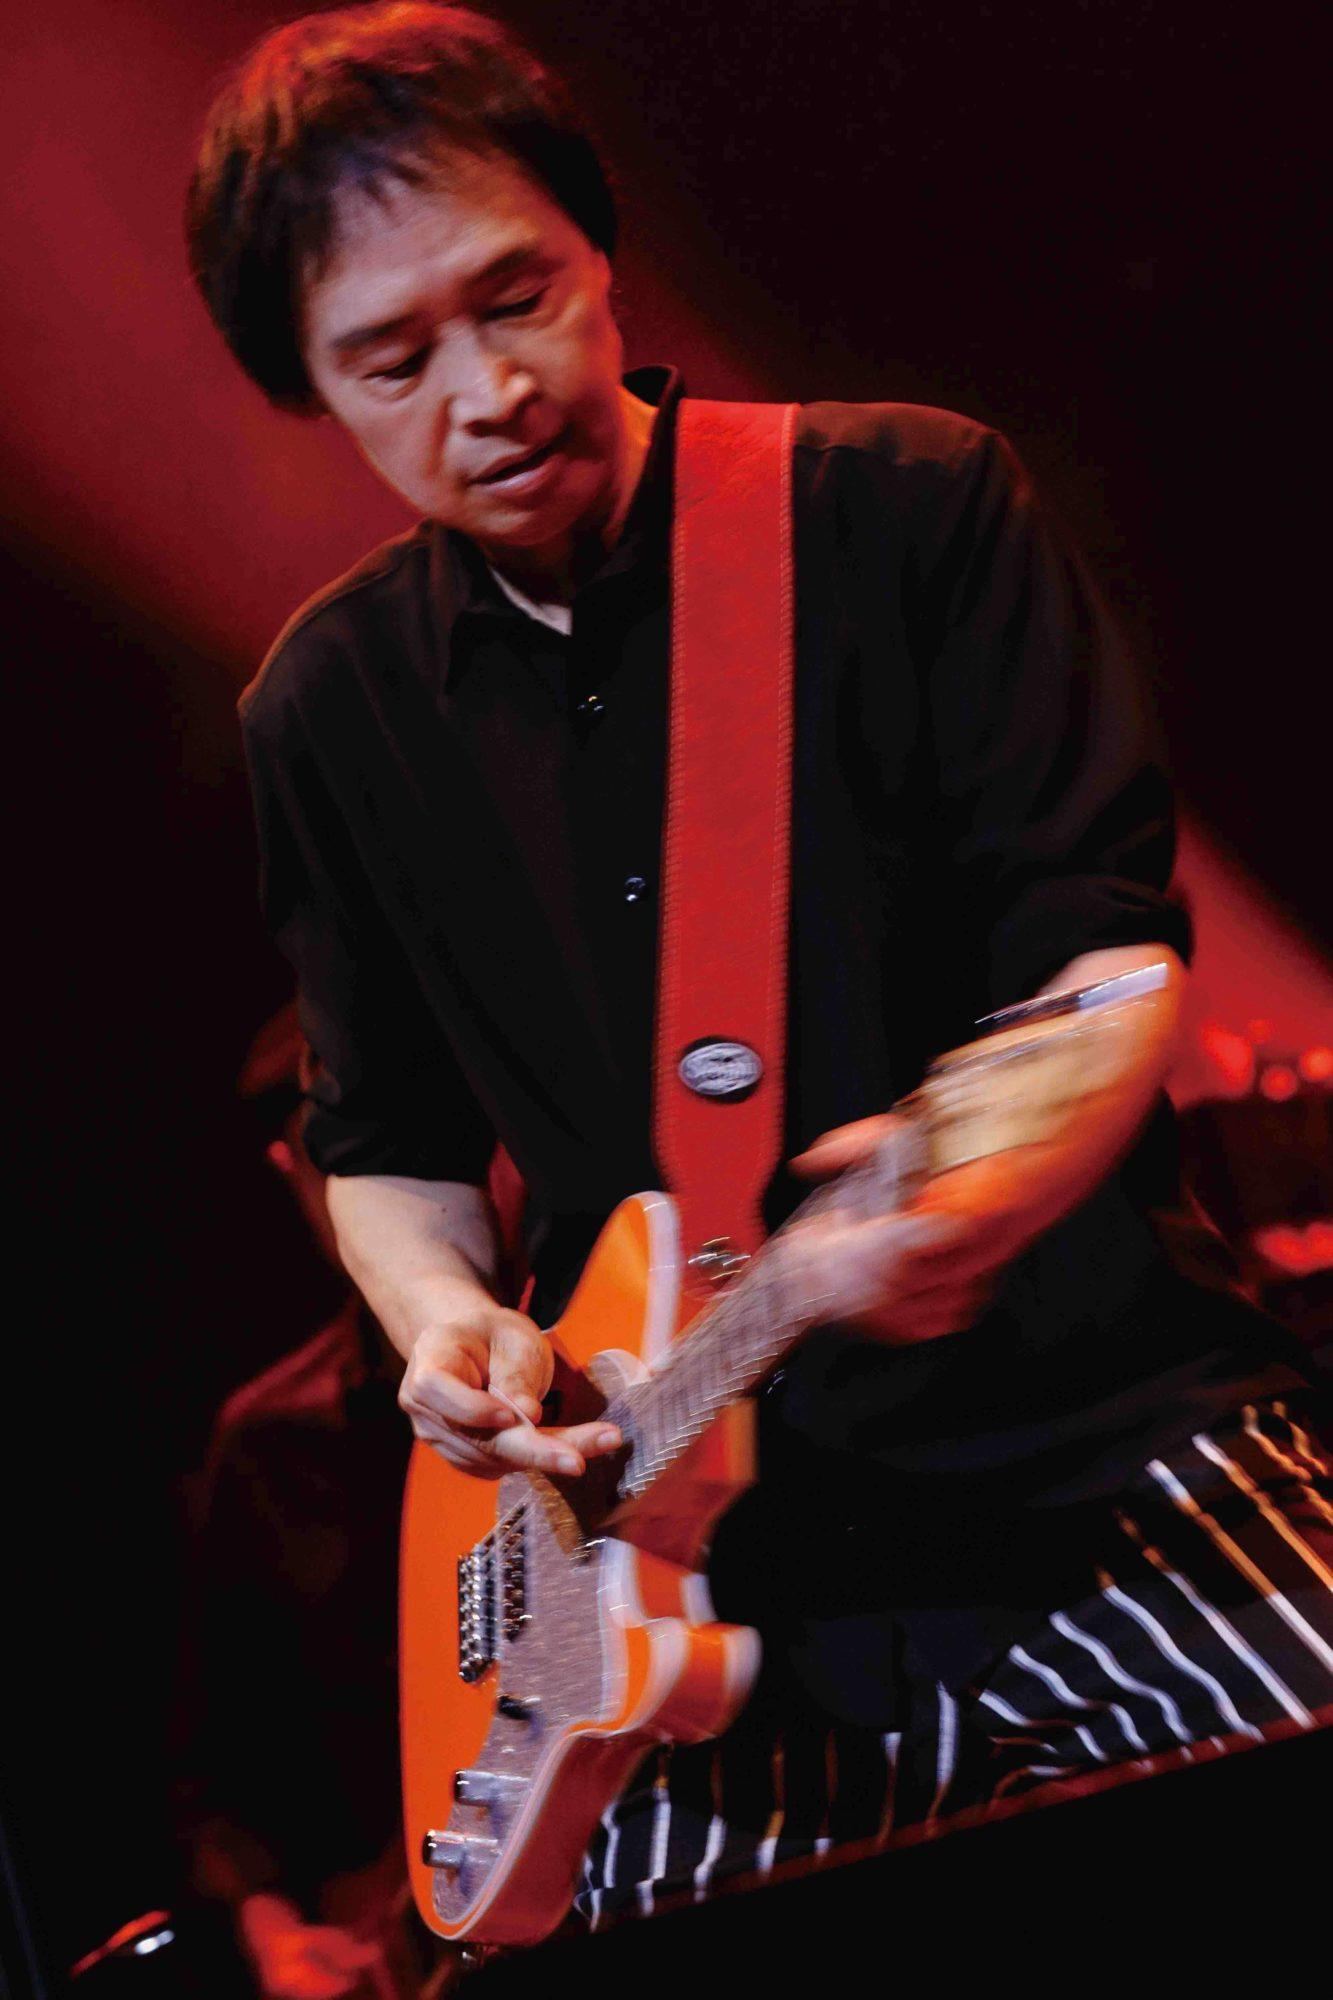 吉田拓郎、最新LIVE映像作品がオリコン週間ランキング3位でTOP10入り最年長記録を樹立